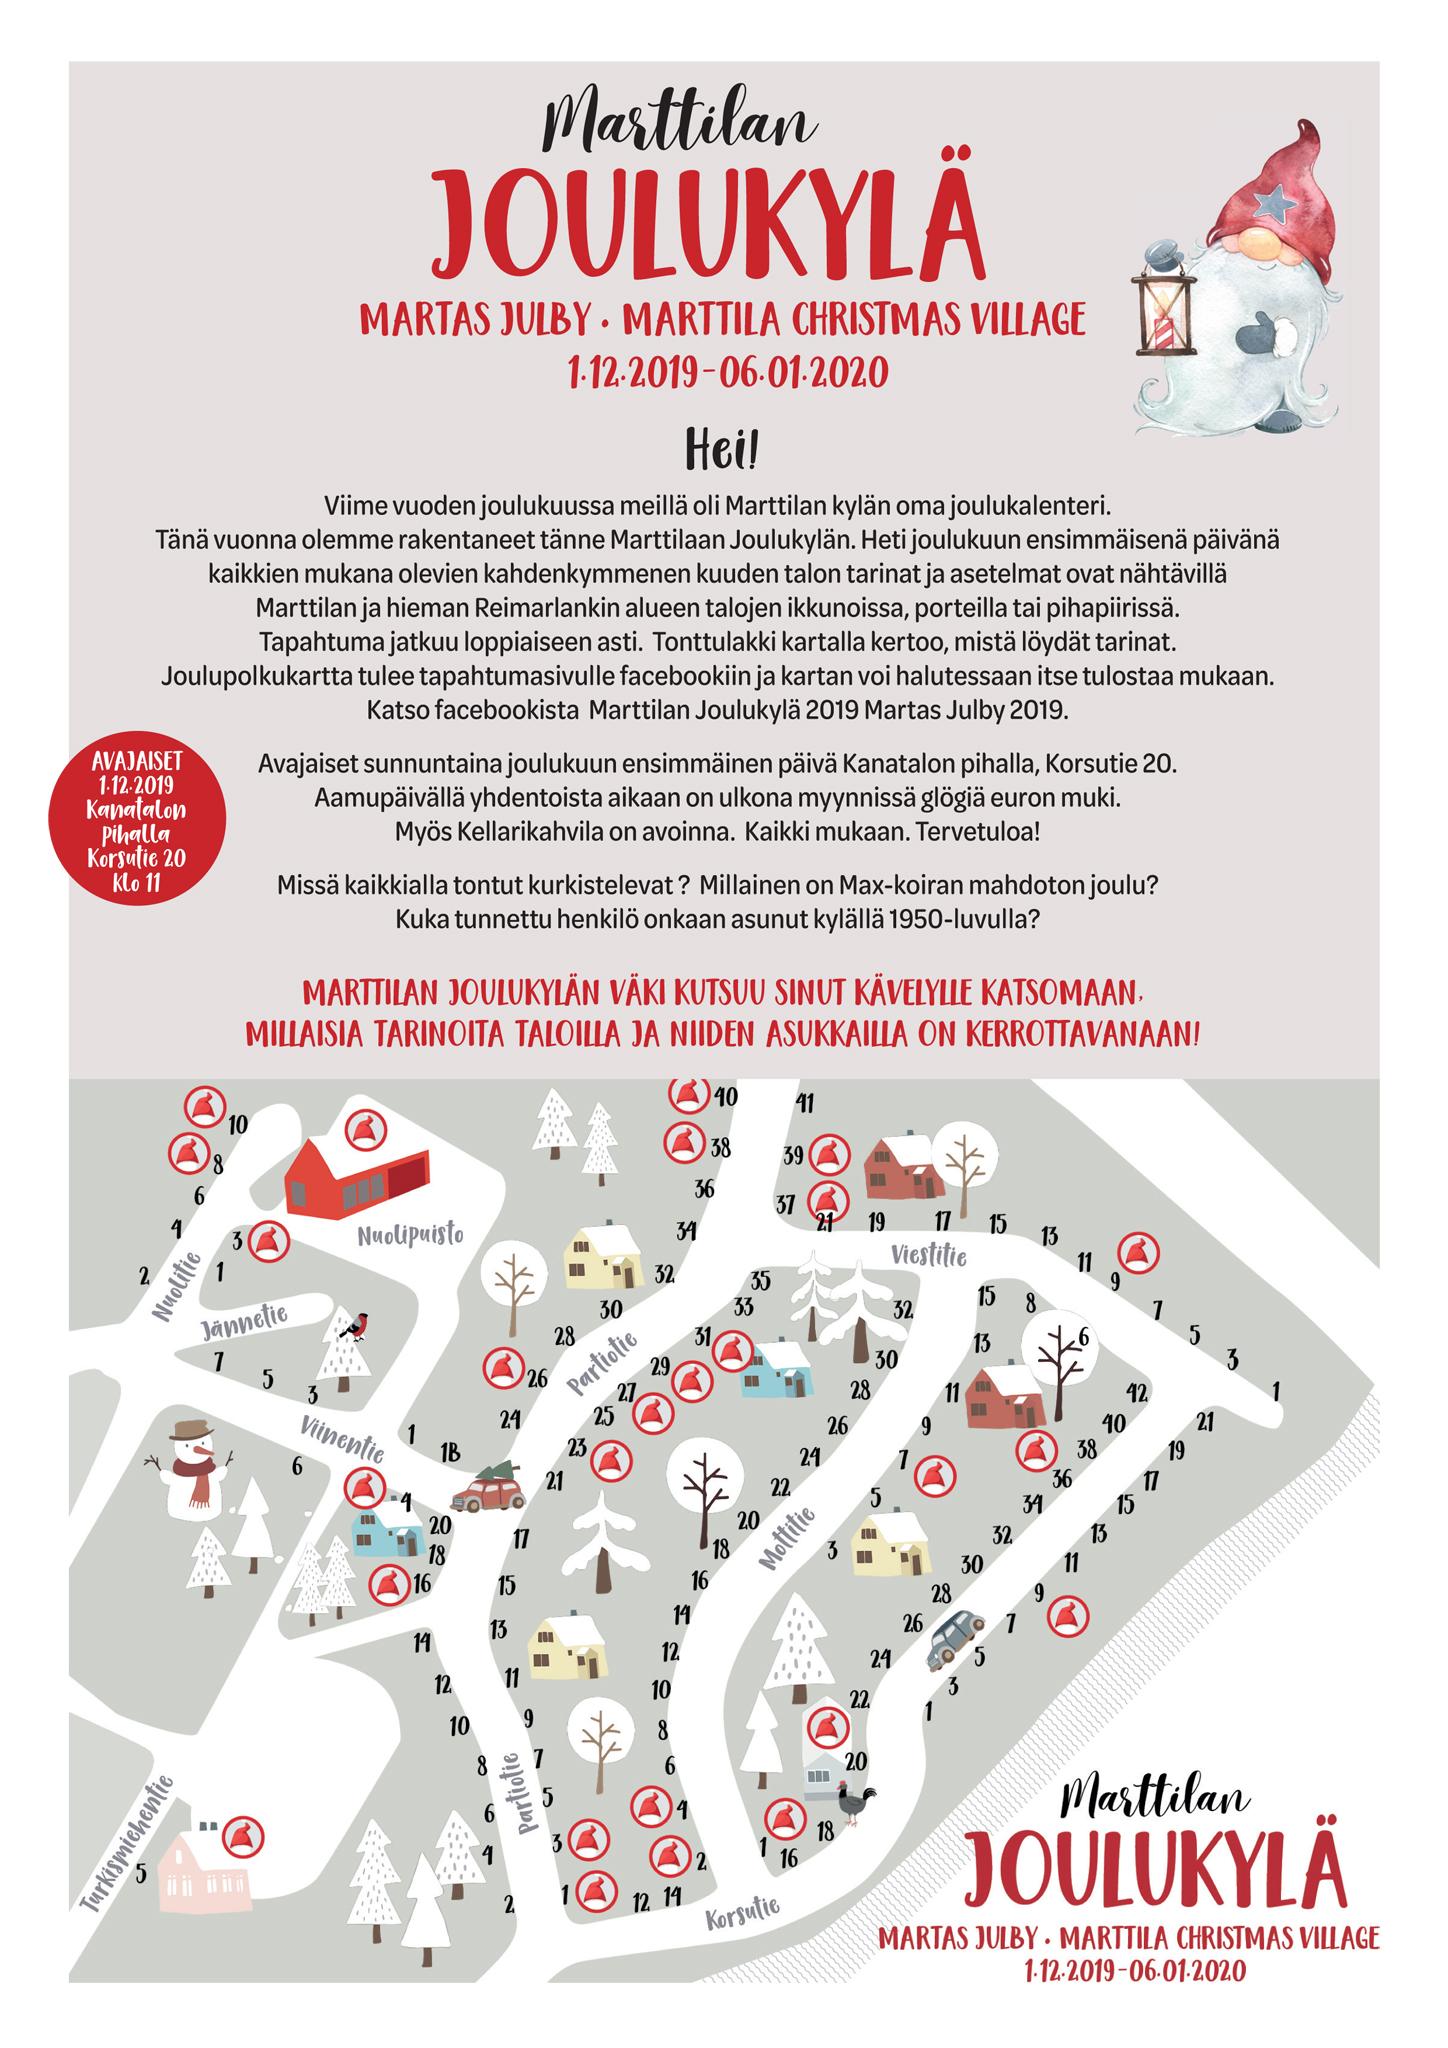 Marttilan Joulukylän kartta 2019